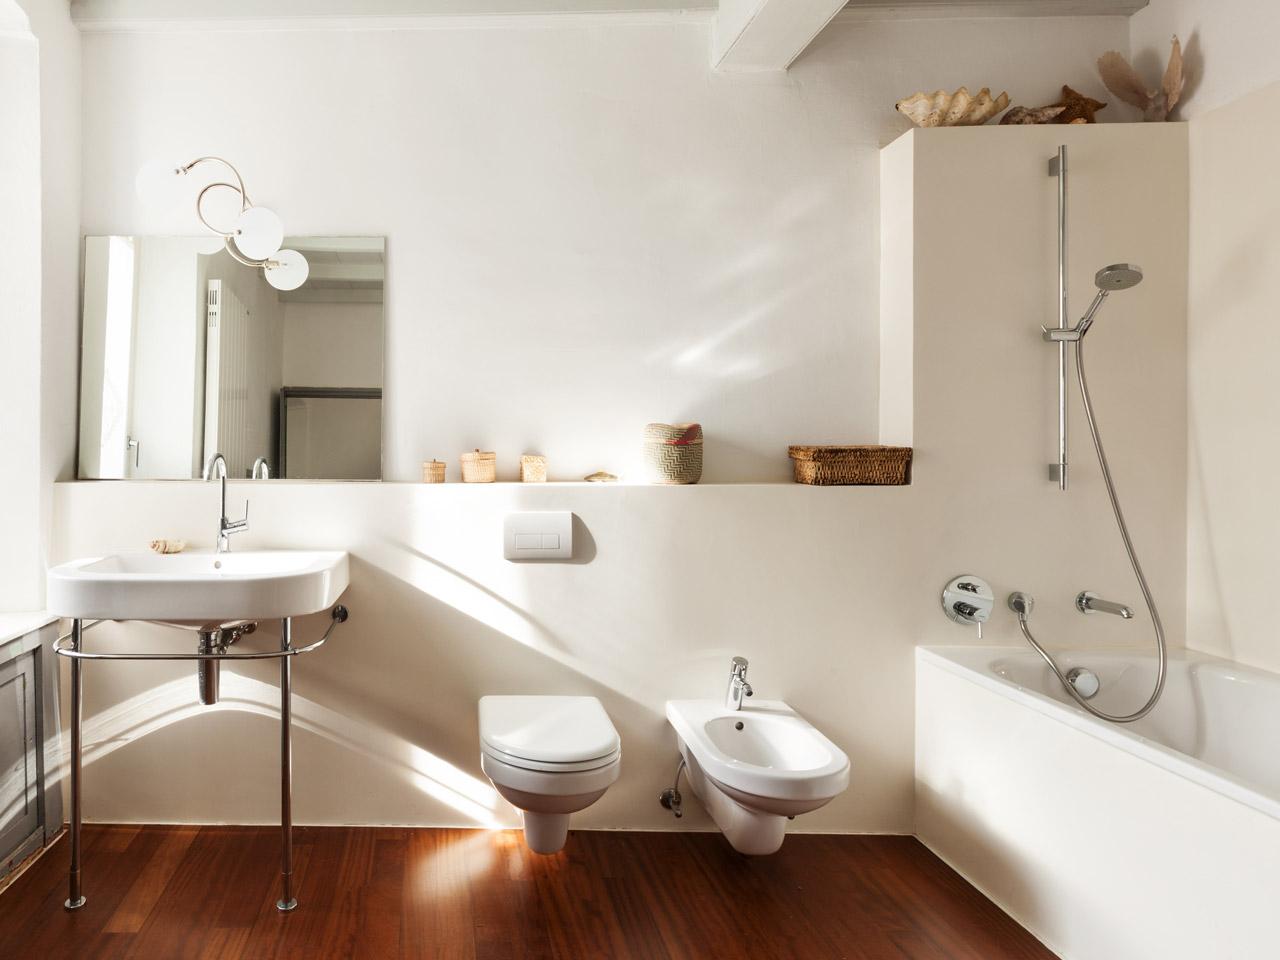 deko ideen furs bad, bad deko – beautiful home, Innenarchitektur